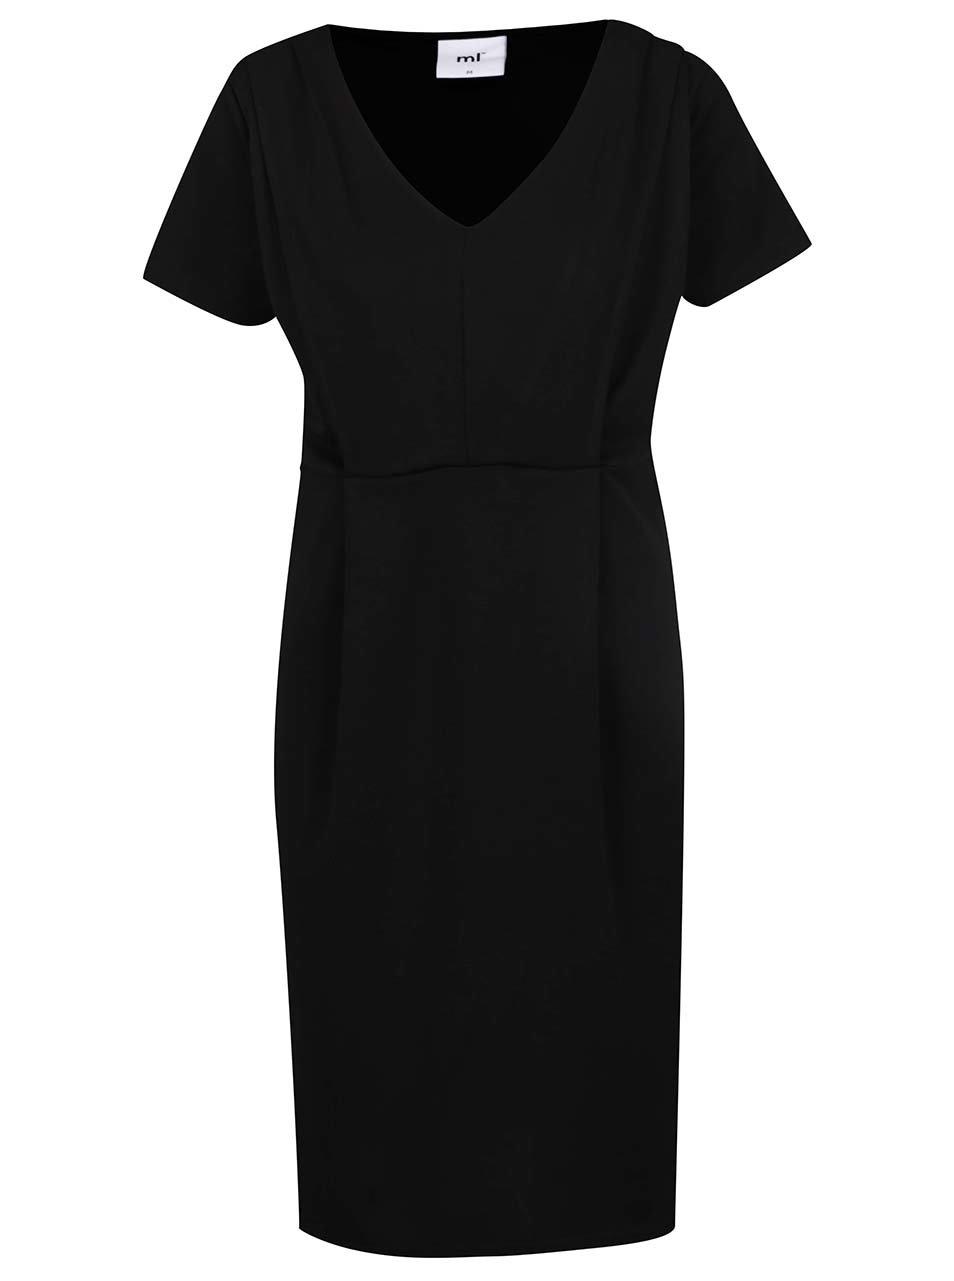 Černé těhotenské/kojicí šaty Mama.licious Yolana